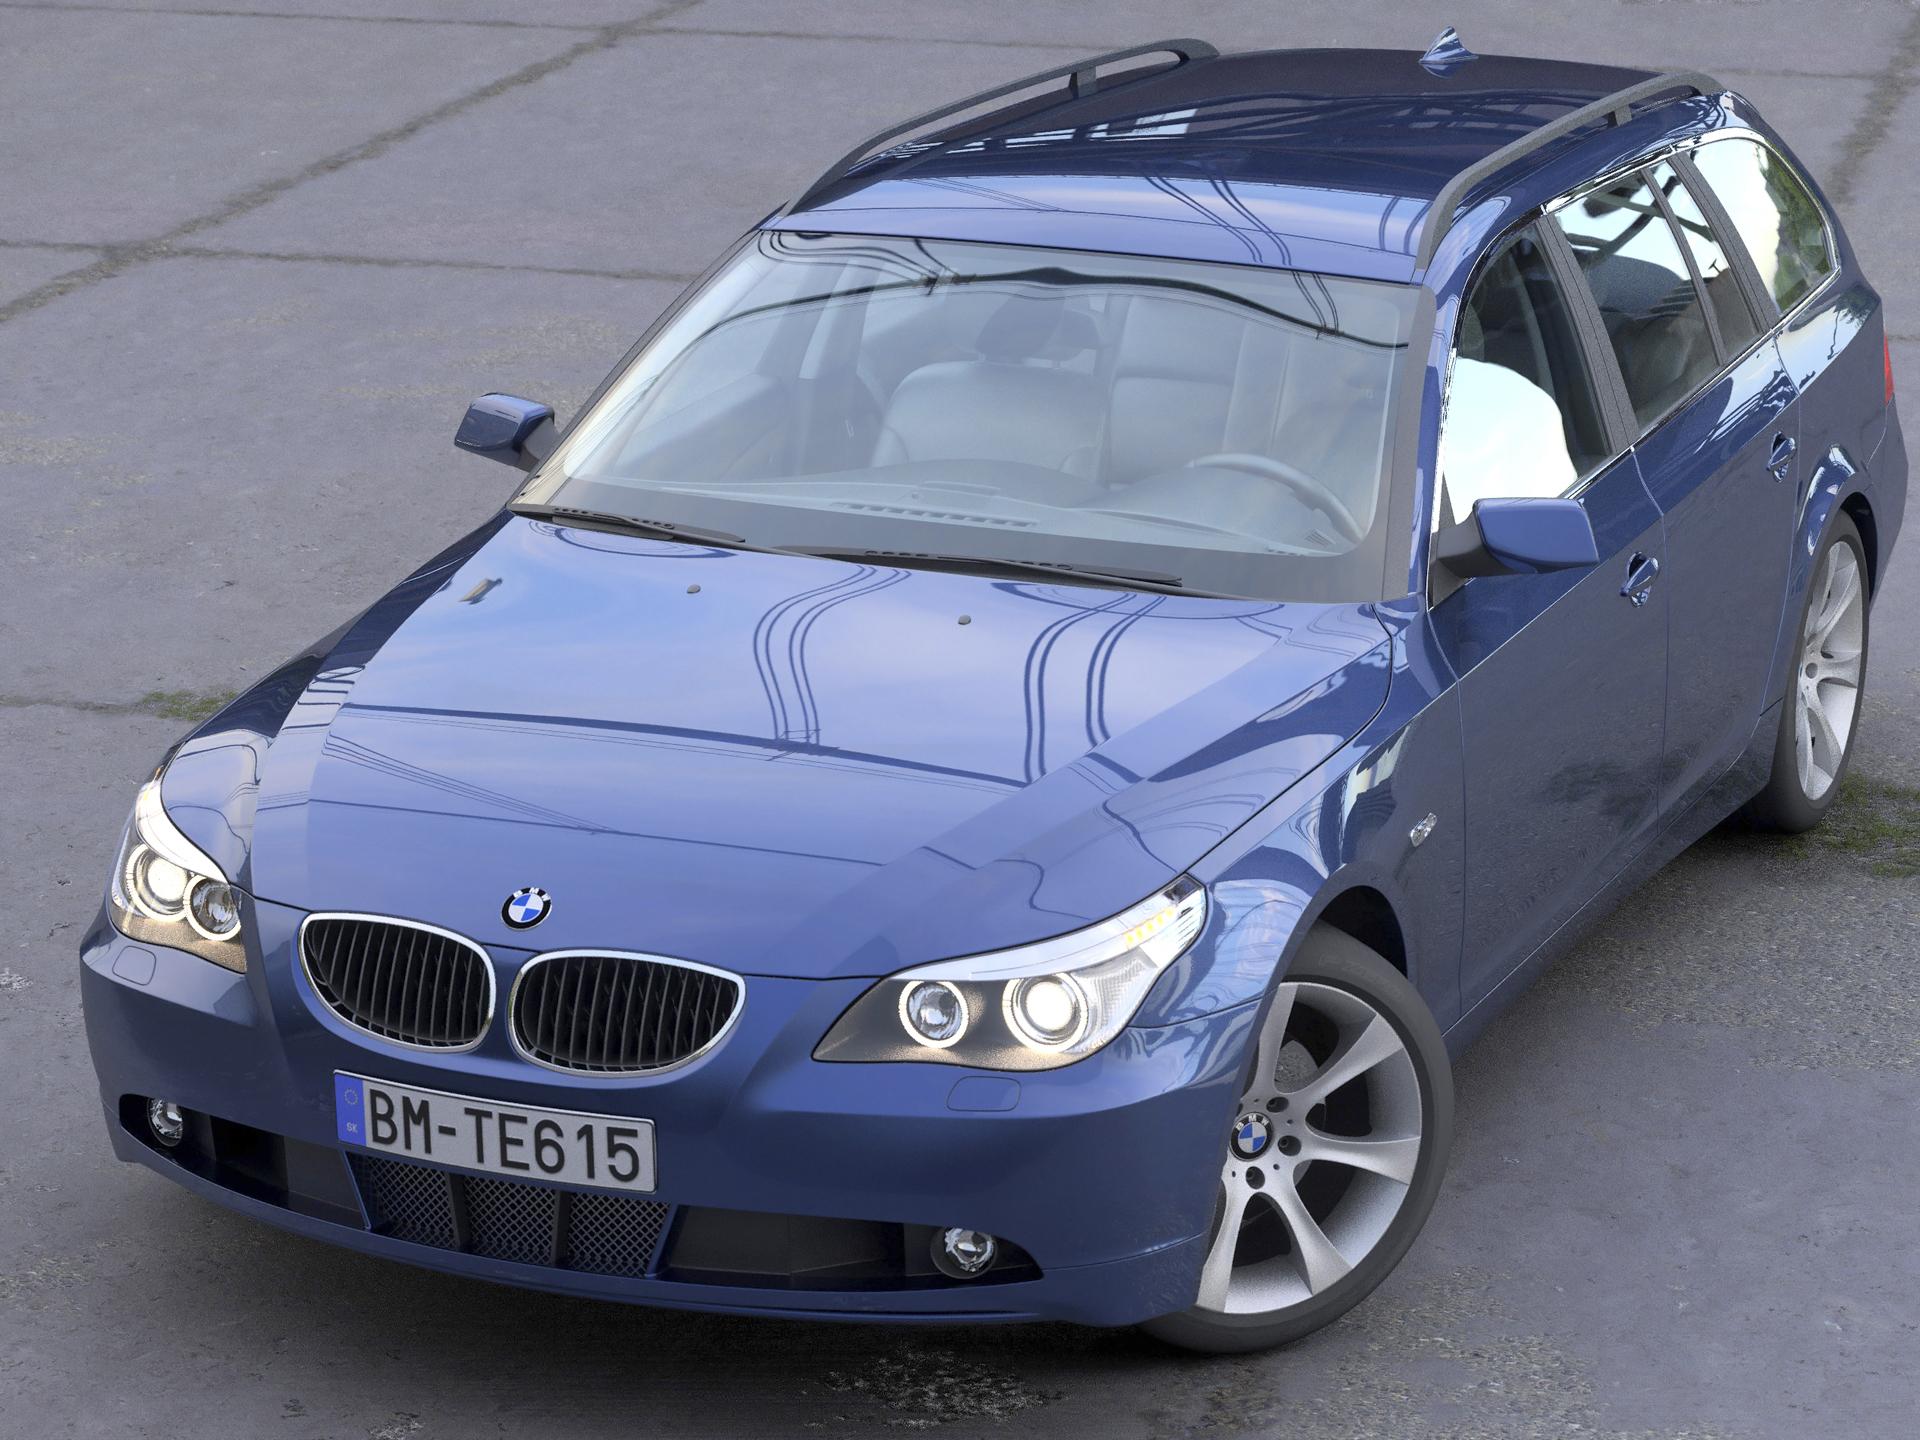 BMW 5 Series Touring 2006 3d model 3ds max fbx c4d obj 268156